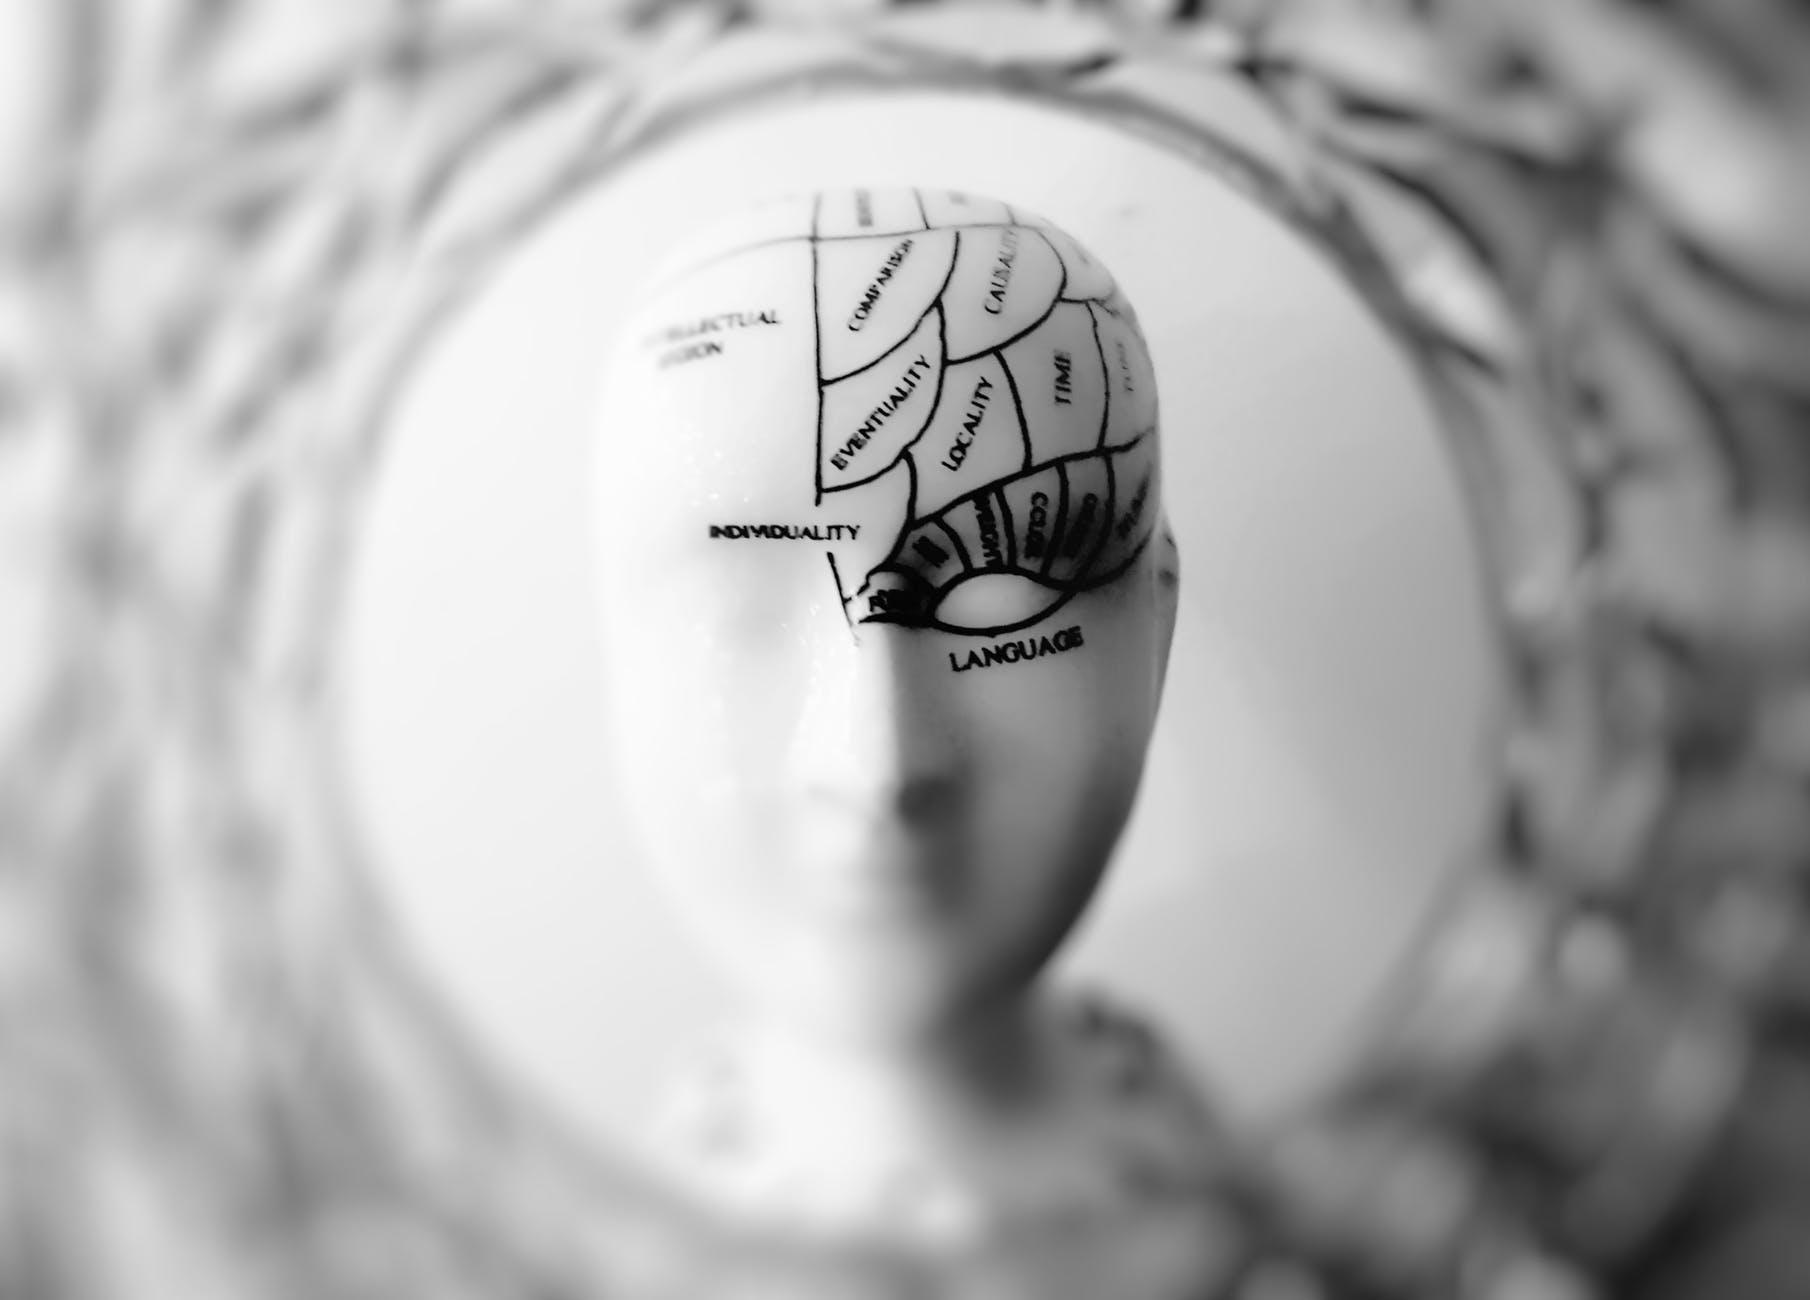 foto da arte finala do busto da cabeça